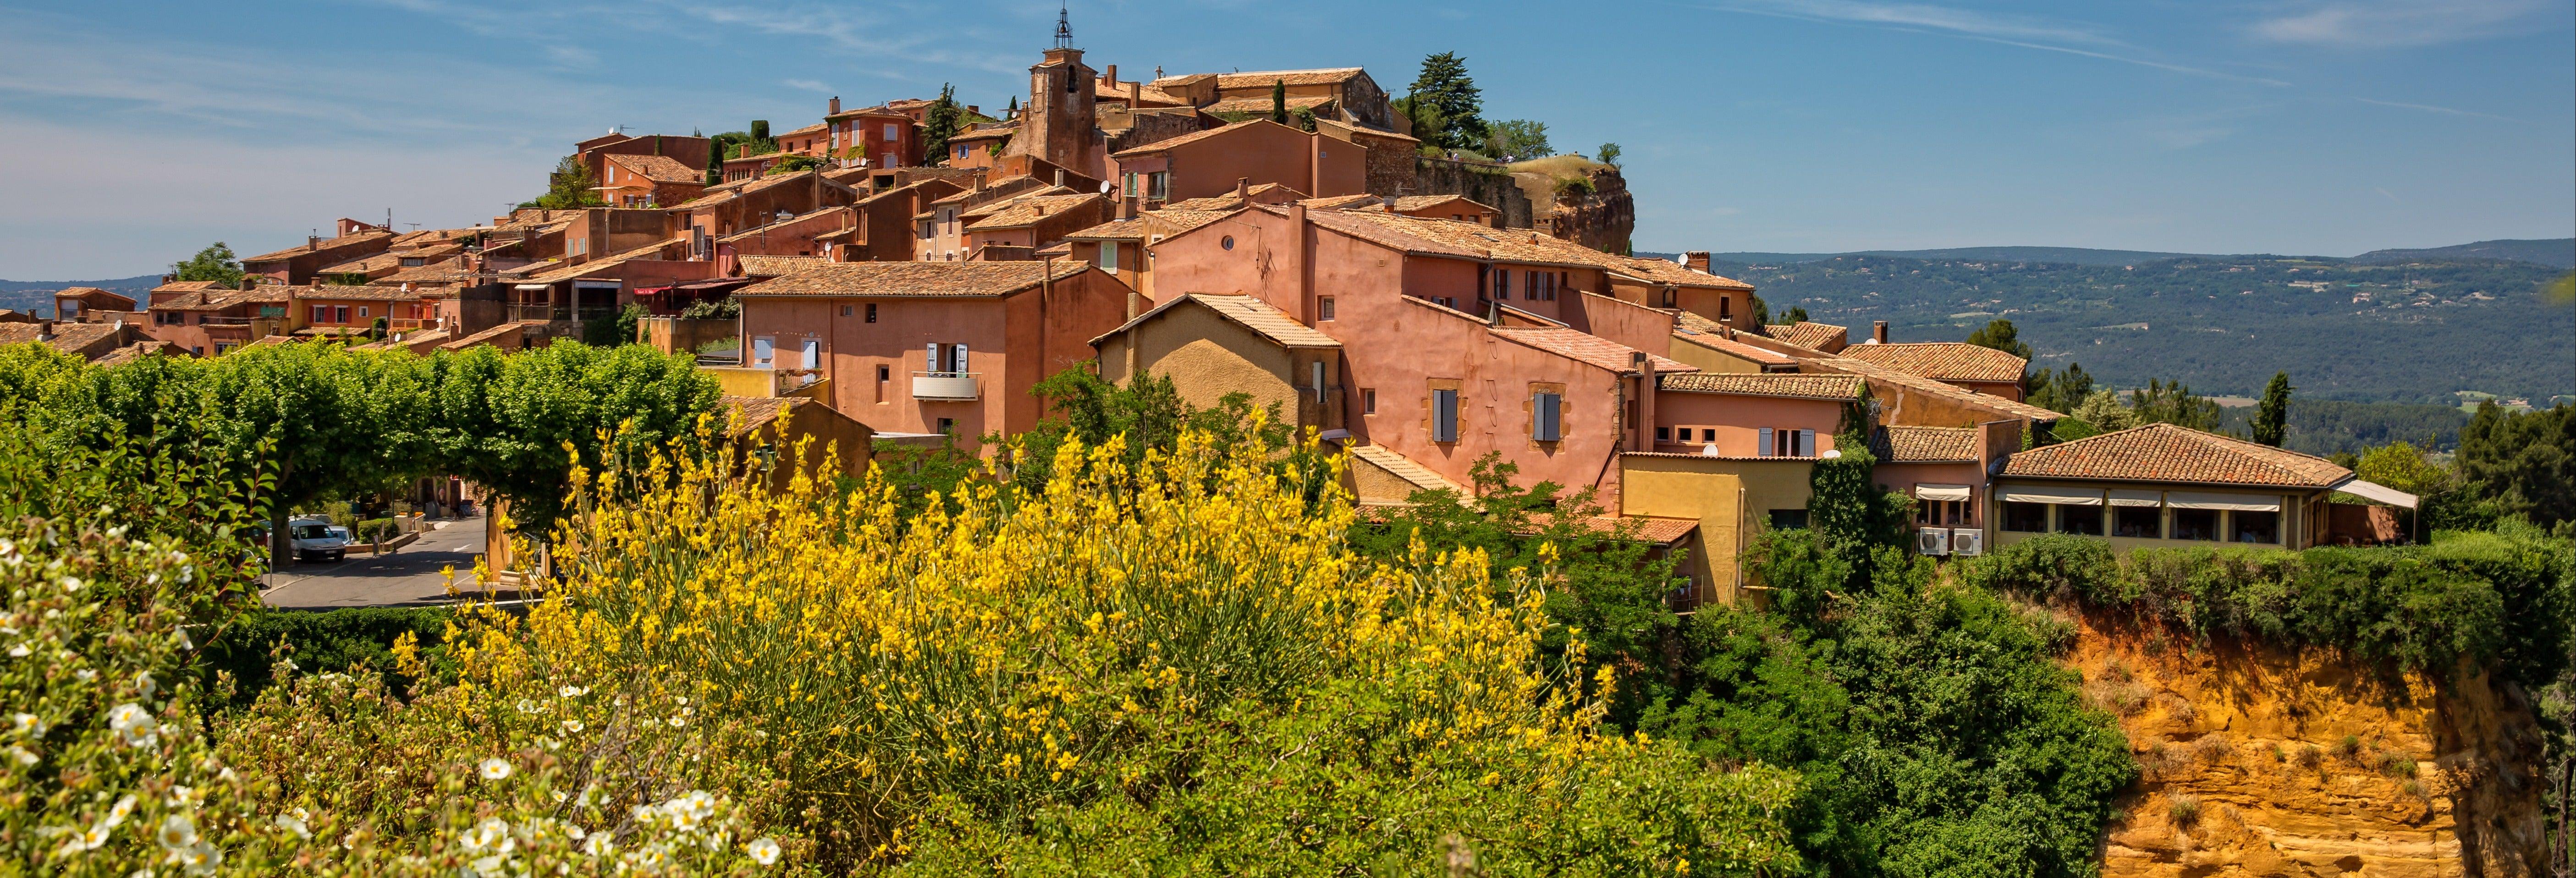 Escursione a Roussillon, Gordes, Lourmarin e Bonnieux